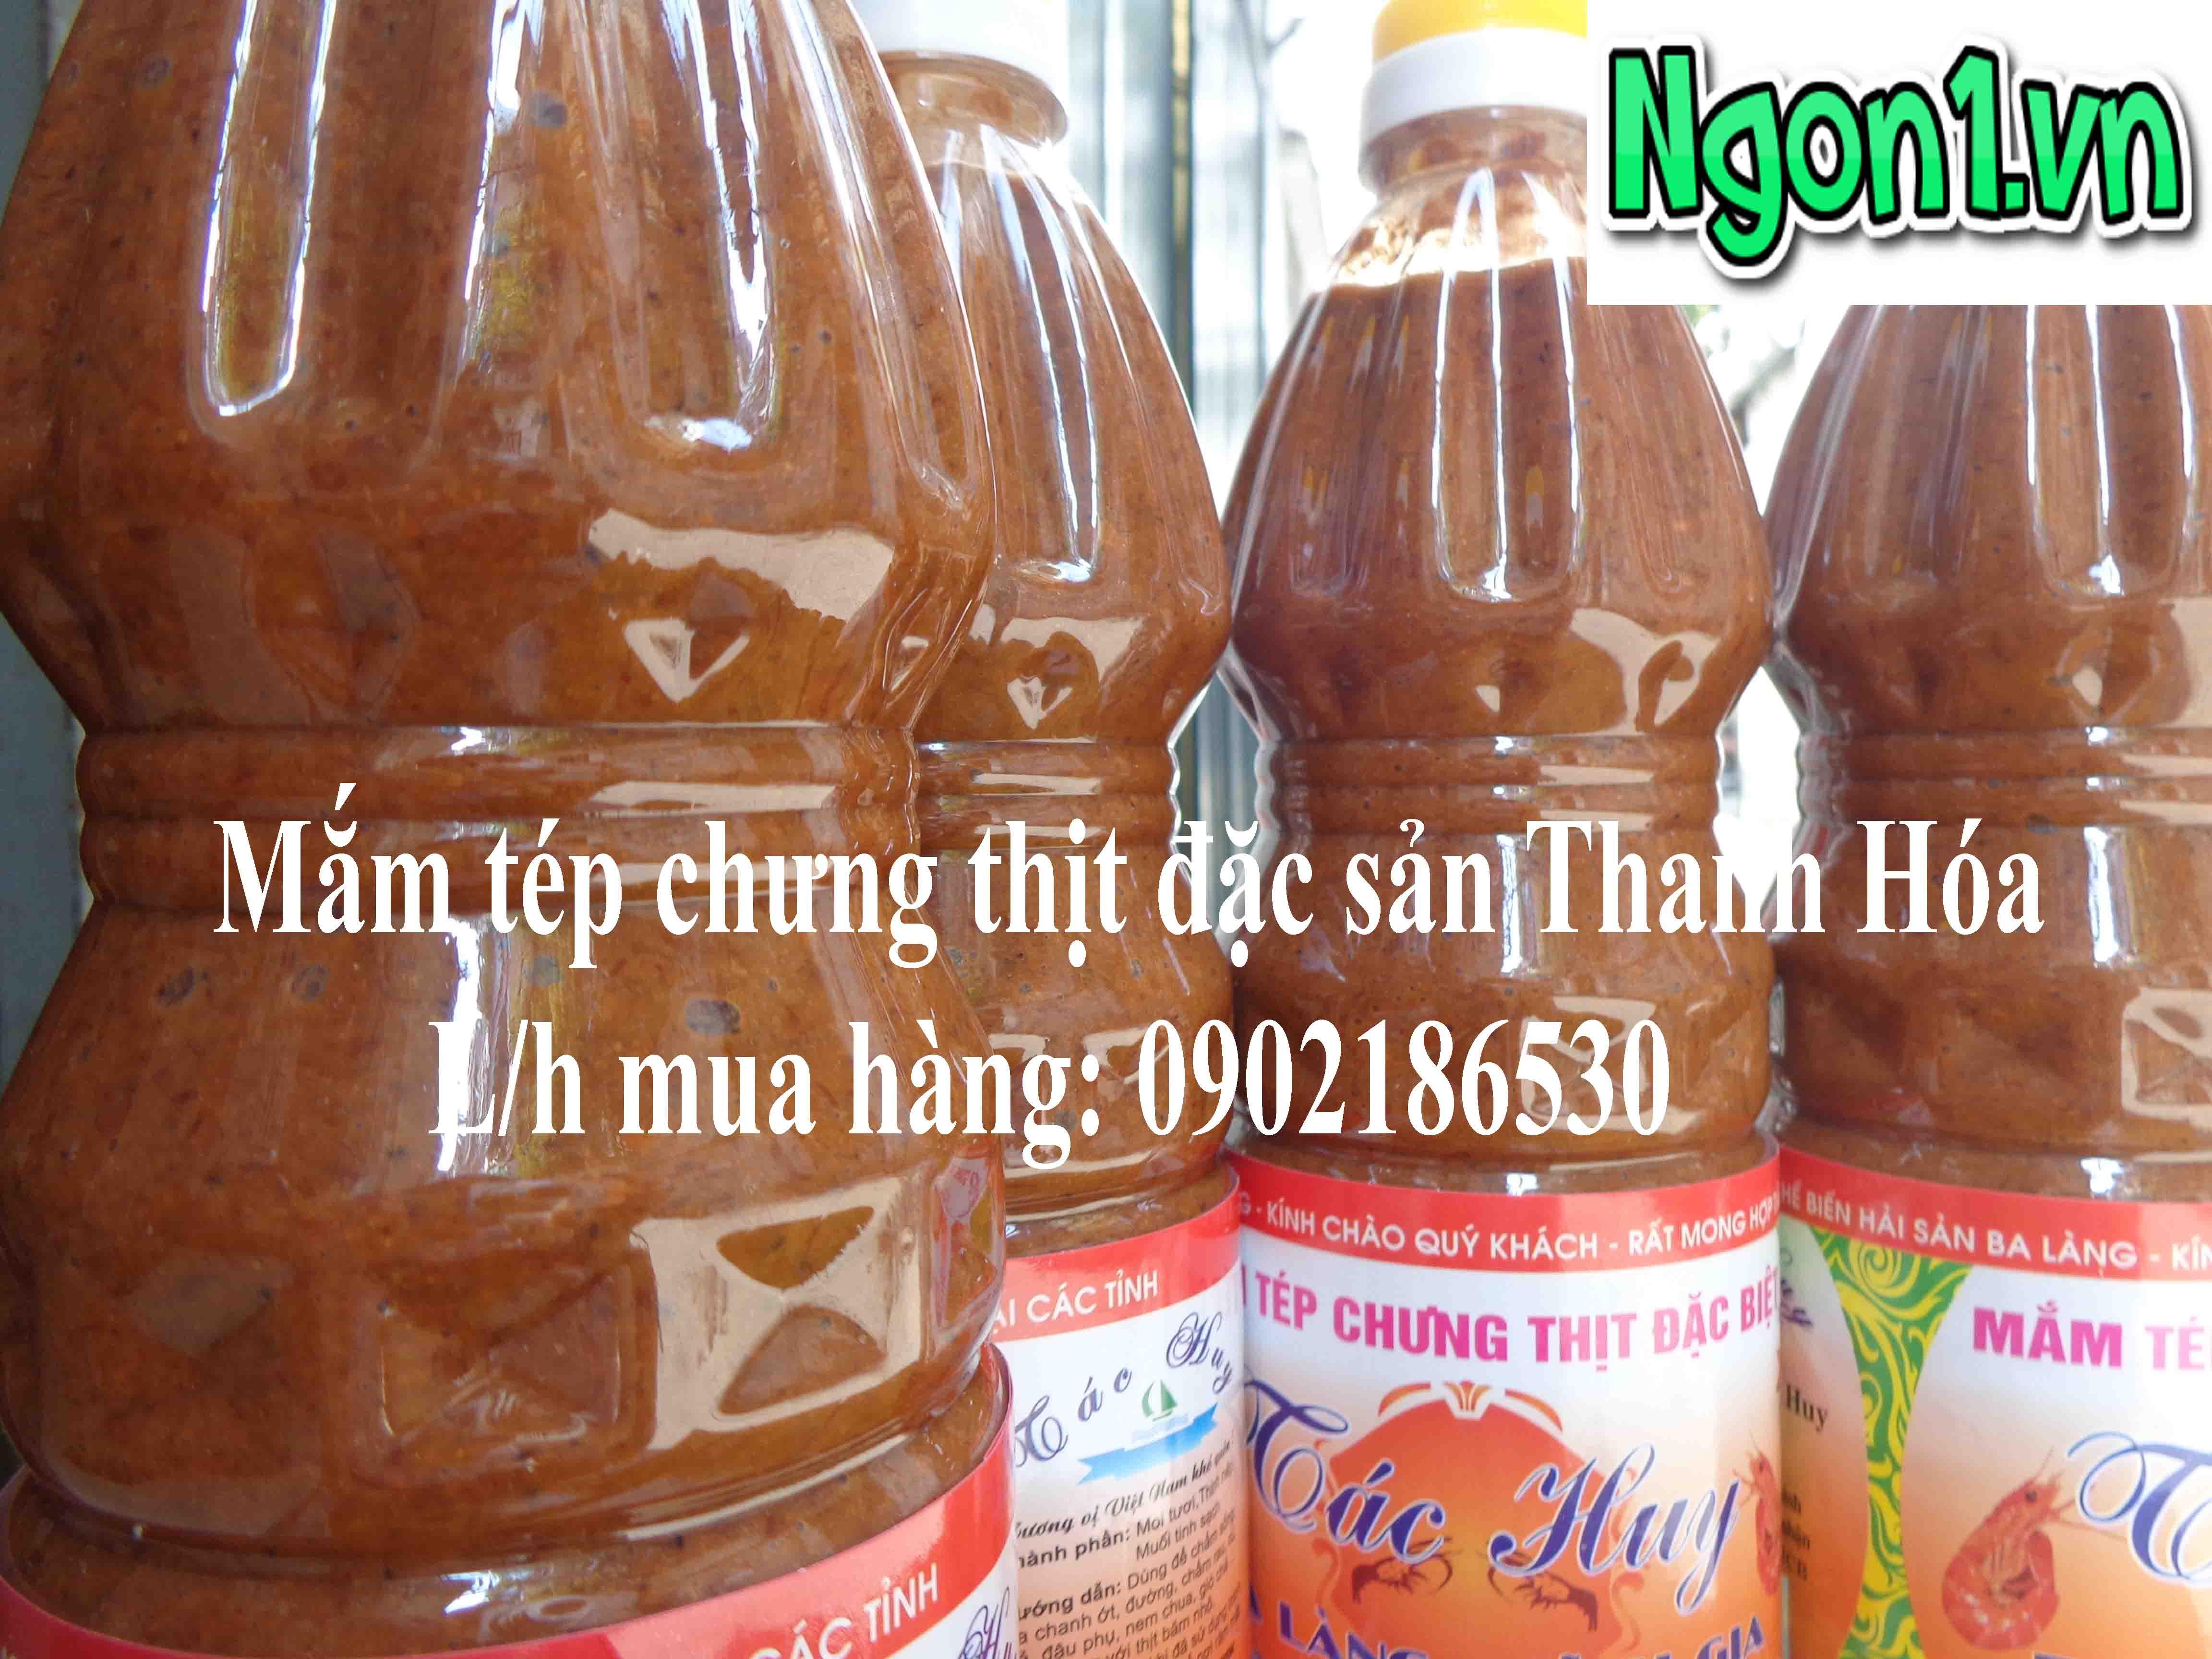 Mắm tép chưng thịt đặc sản Ba làng (chai 1l) - Hotline: 0902186530